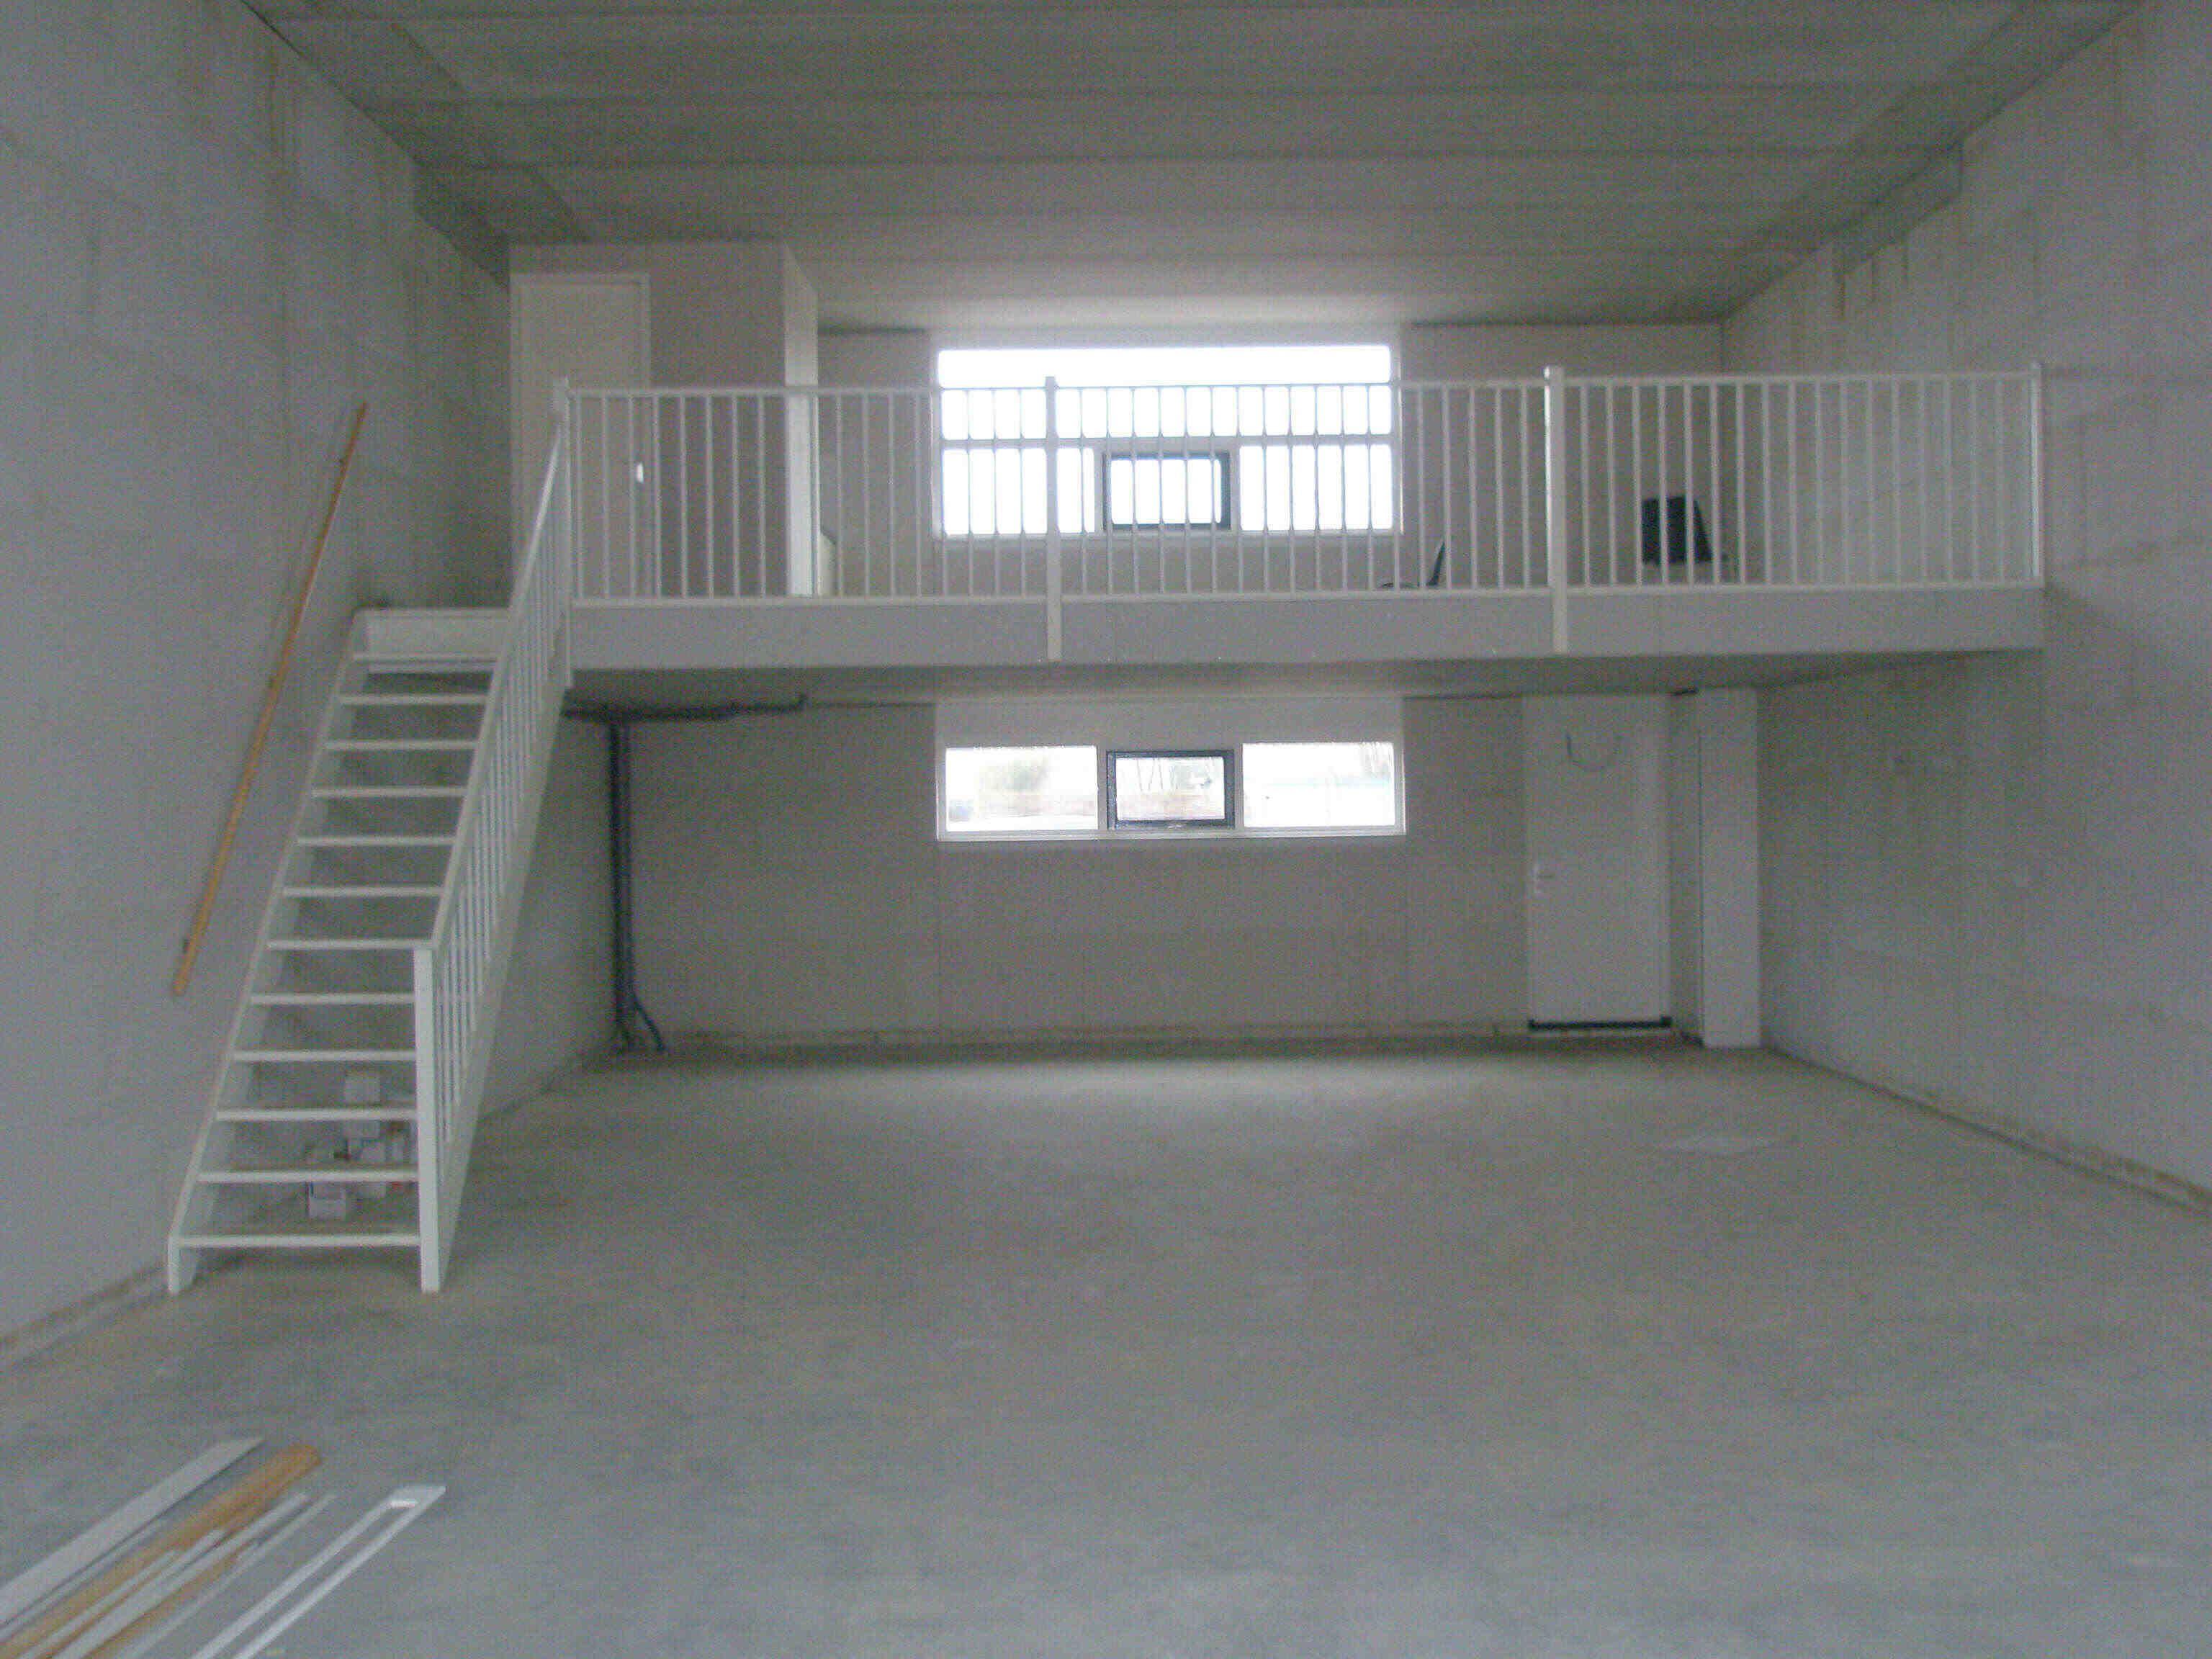 Entresol  Haus